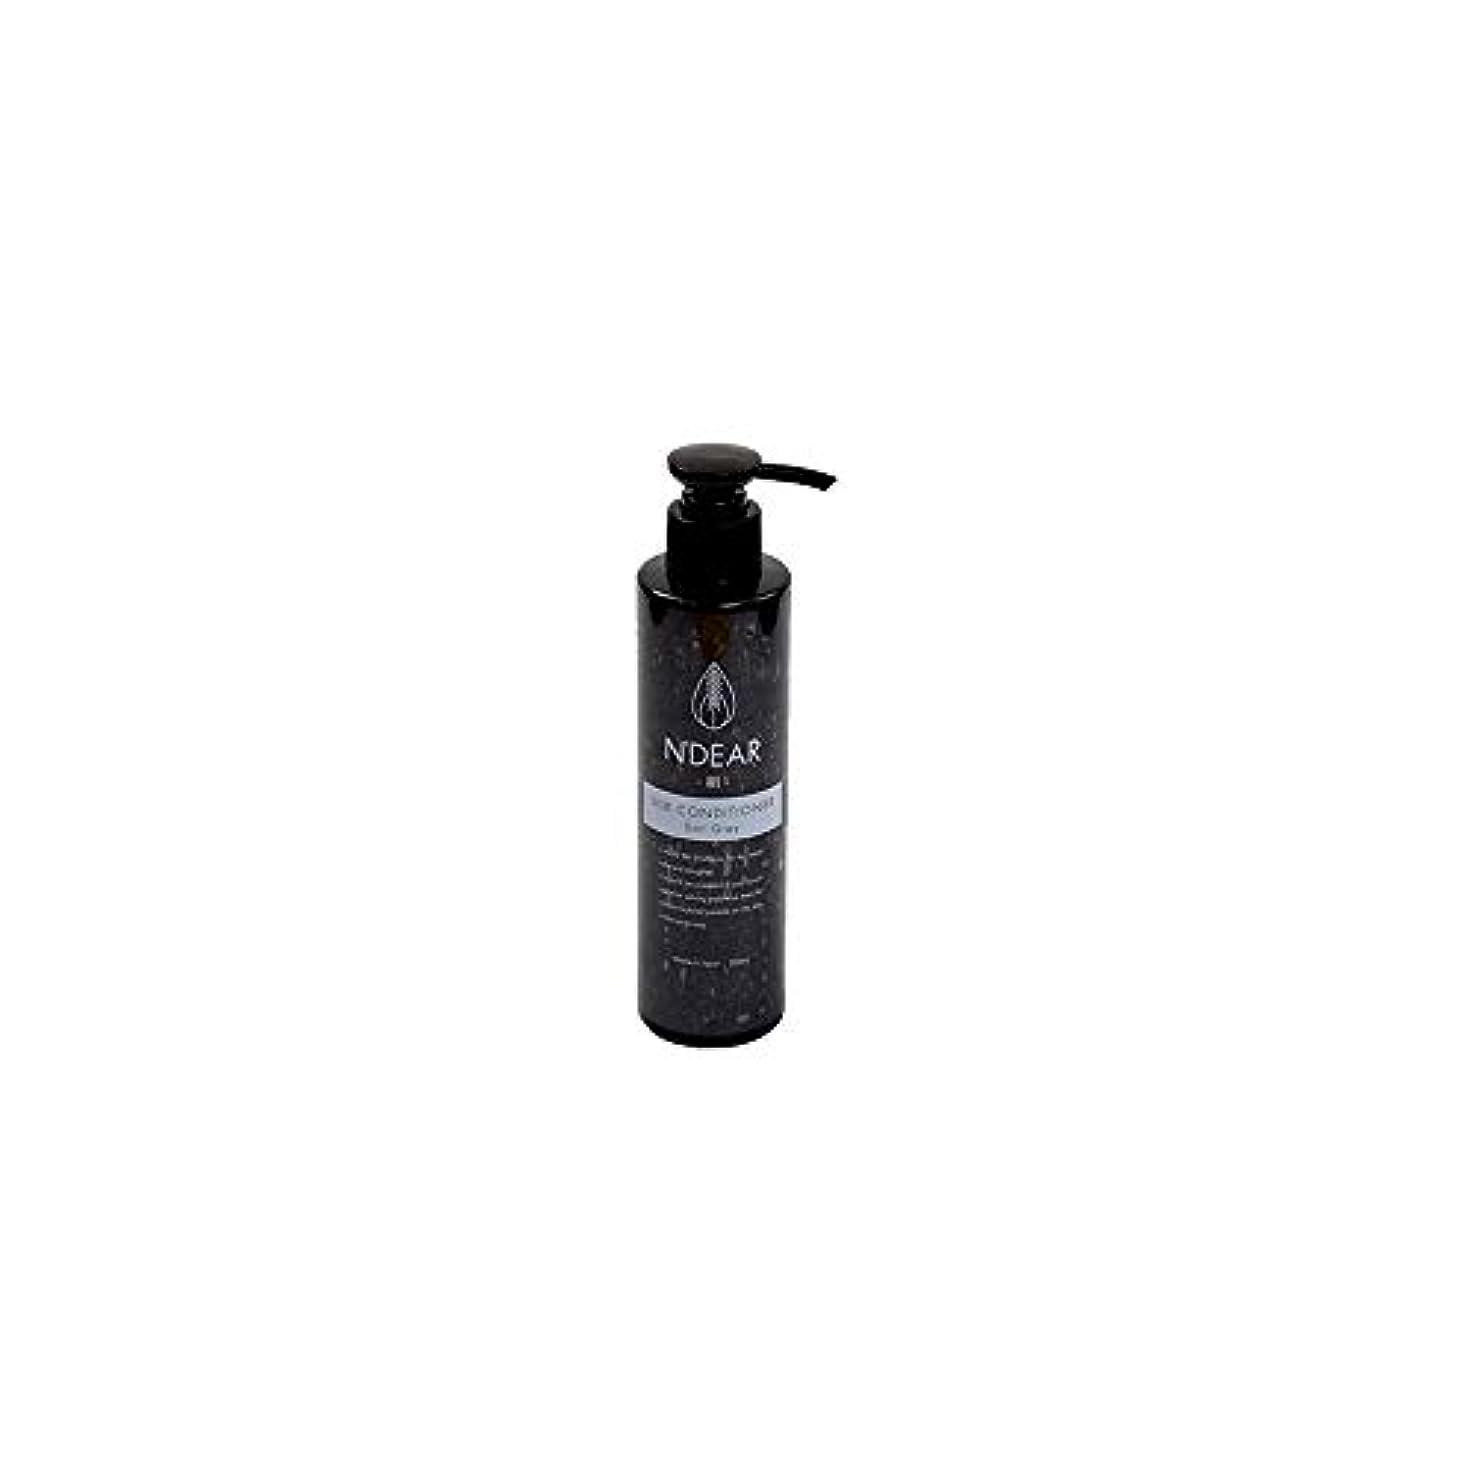 キャプテンコンドーム明示的にN'DEAR 絹 コンディショナー 無添加 ノンシリコン アミノ酸系洗浄/ヒアルロン酸 セラミド シルク シアバター 配合